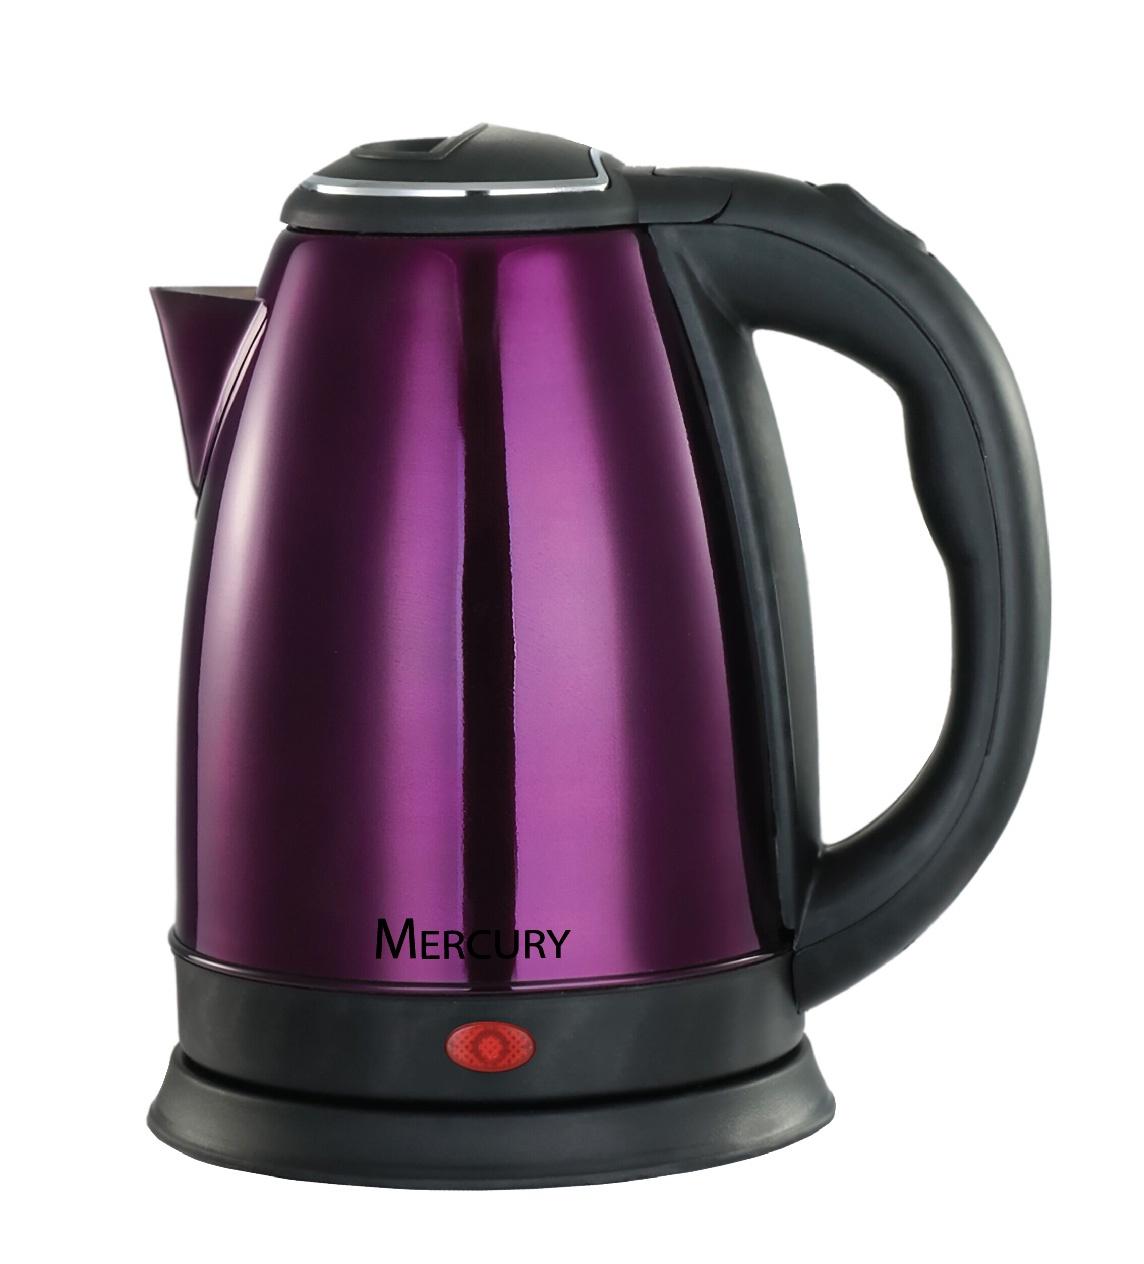 Электрический чайник Mercury Haus Mercury, MC - 6621 электрический чайник mercury haus mercury mc 6621